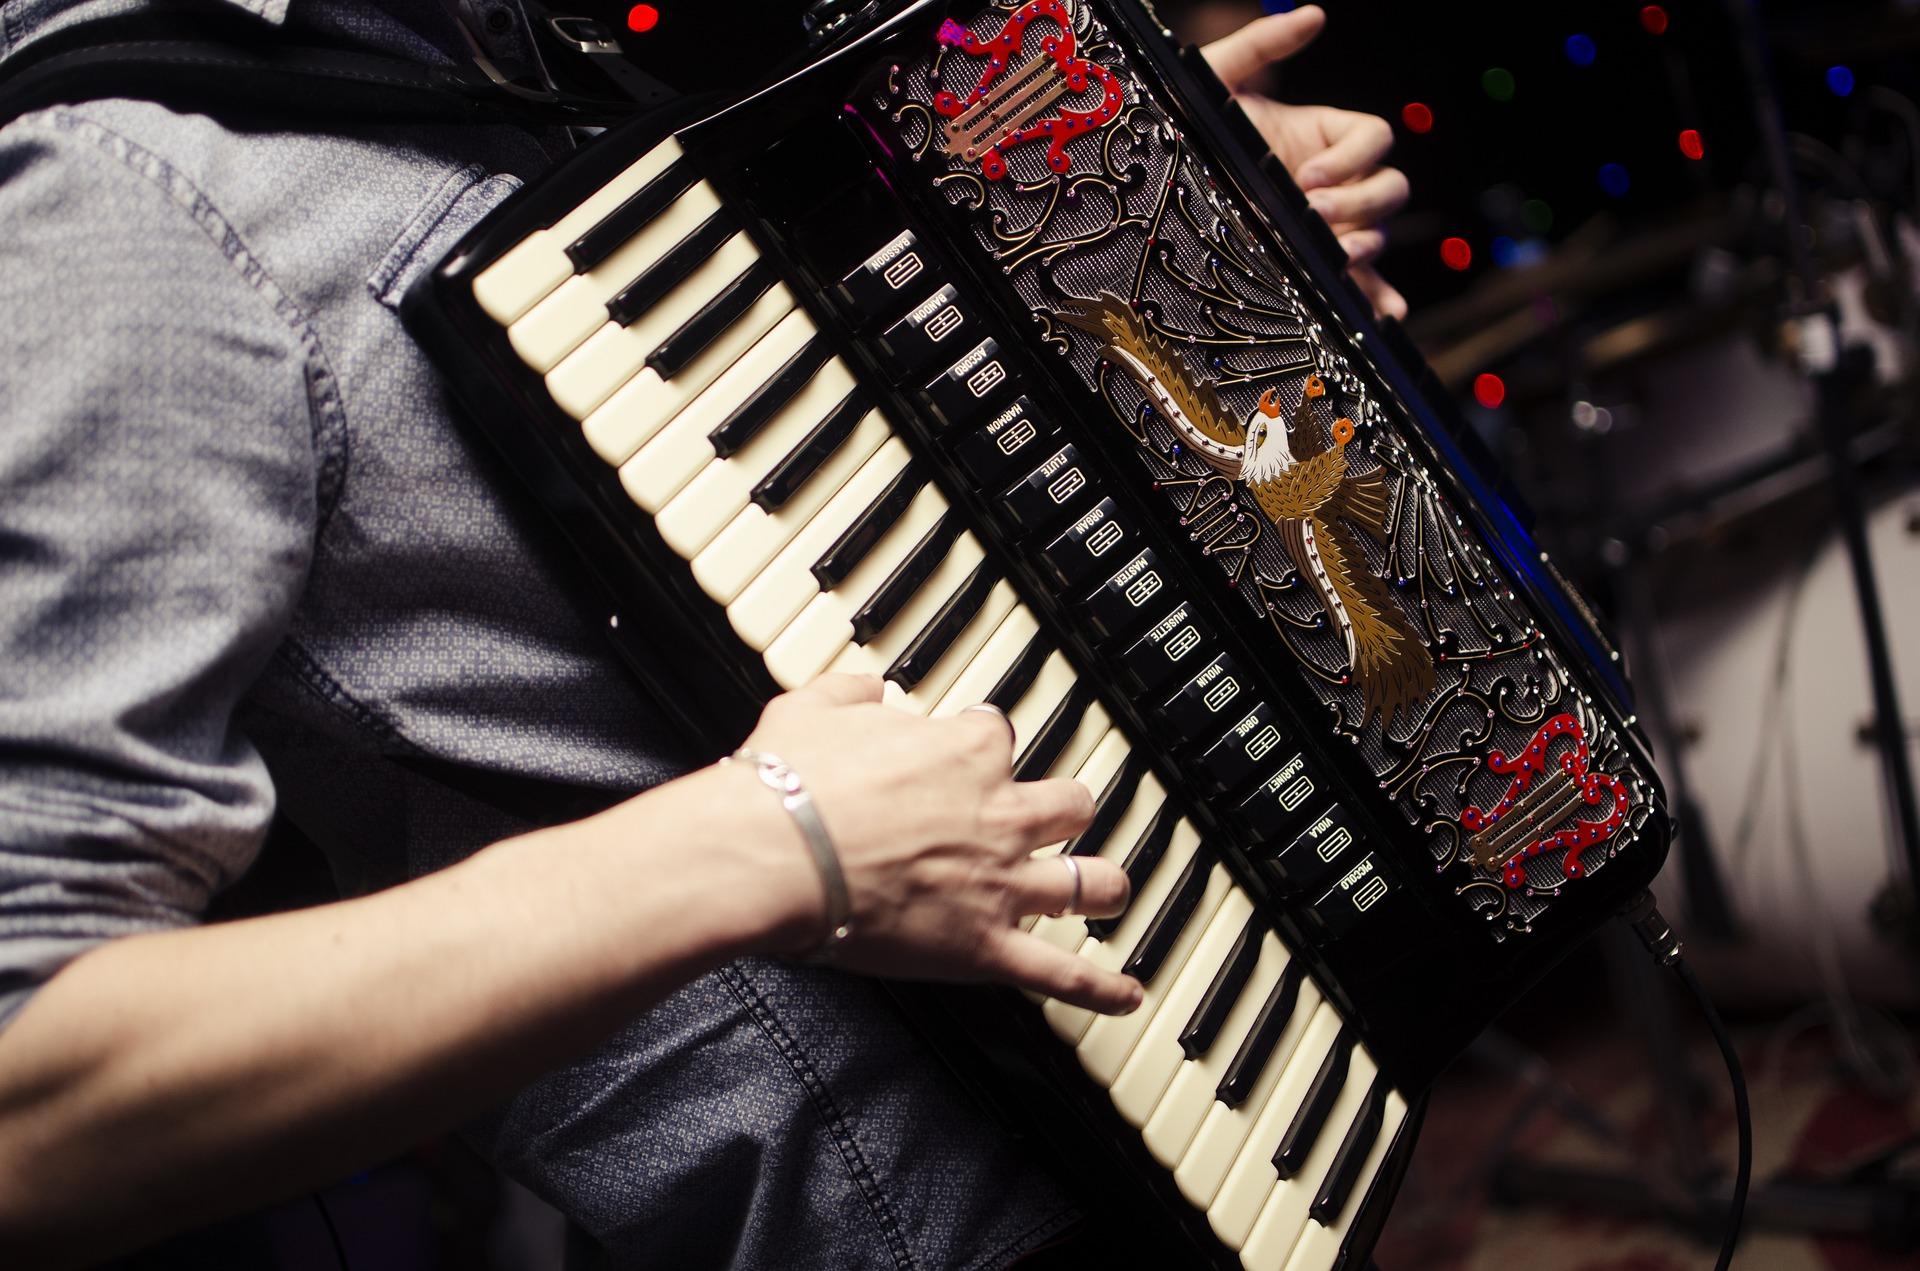 A imagem foca um acordeon de várias teclas com um detalhe em formato de águia. Uma mão está tocando-o, mas não vemos o rosto.